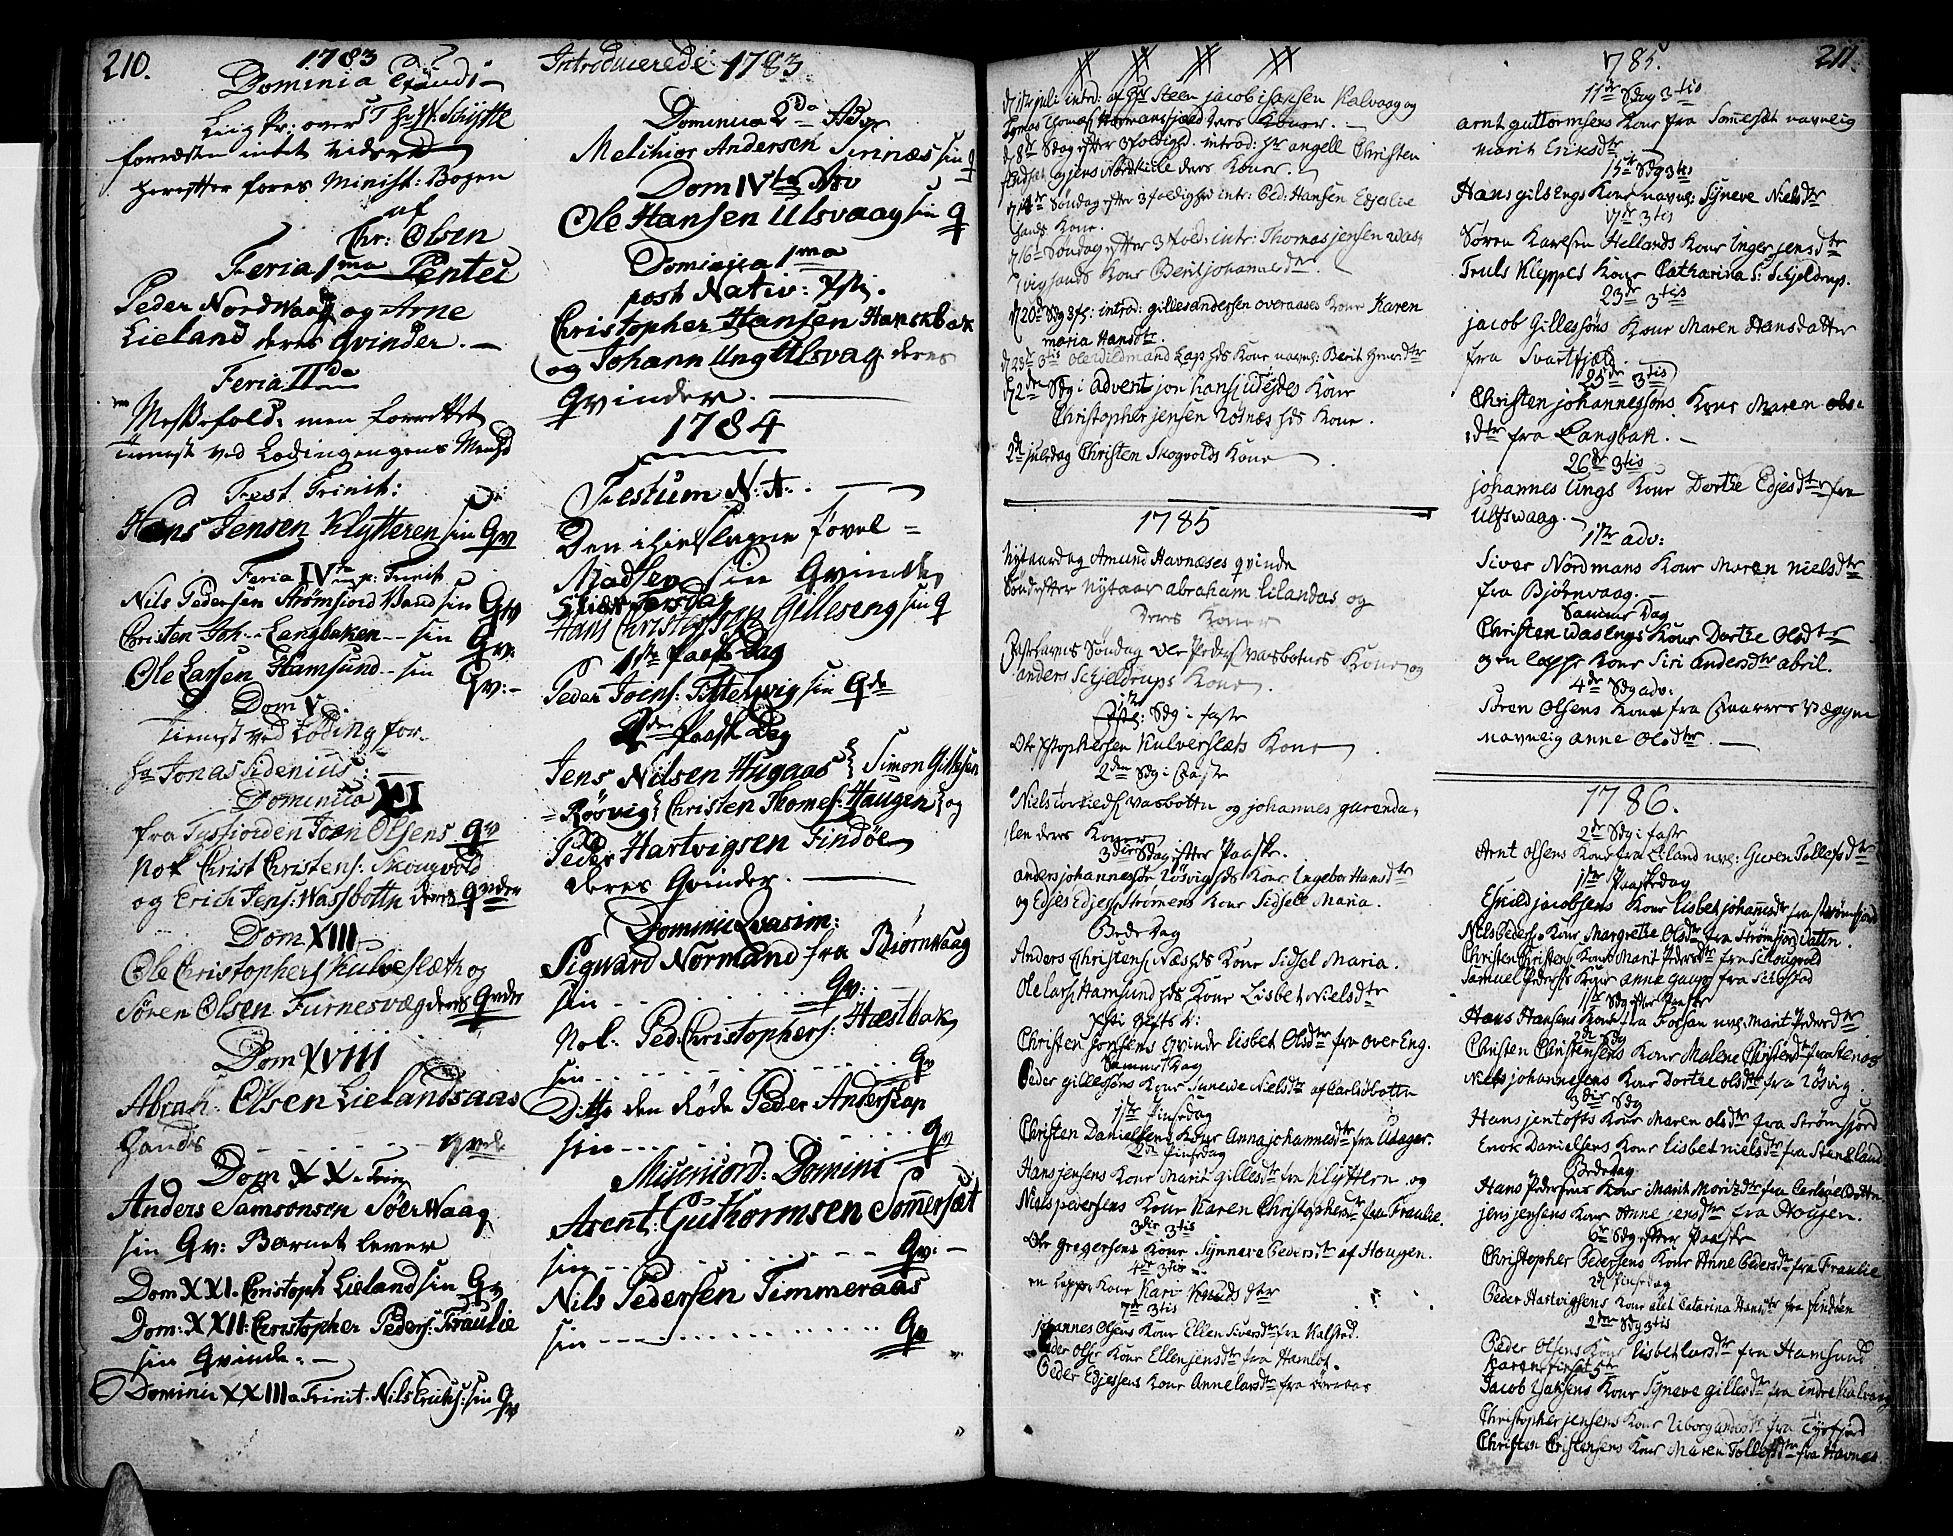 SAT, Ministerialprotokoller, klokkerbøker og fødselsregistre - Nordland, 859/L0841: Parish register (official) no. 859A01, 1766-1821, p. 210-211